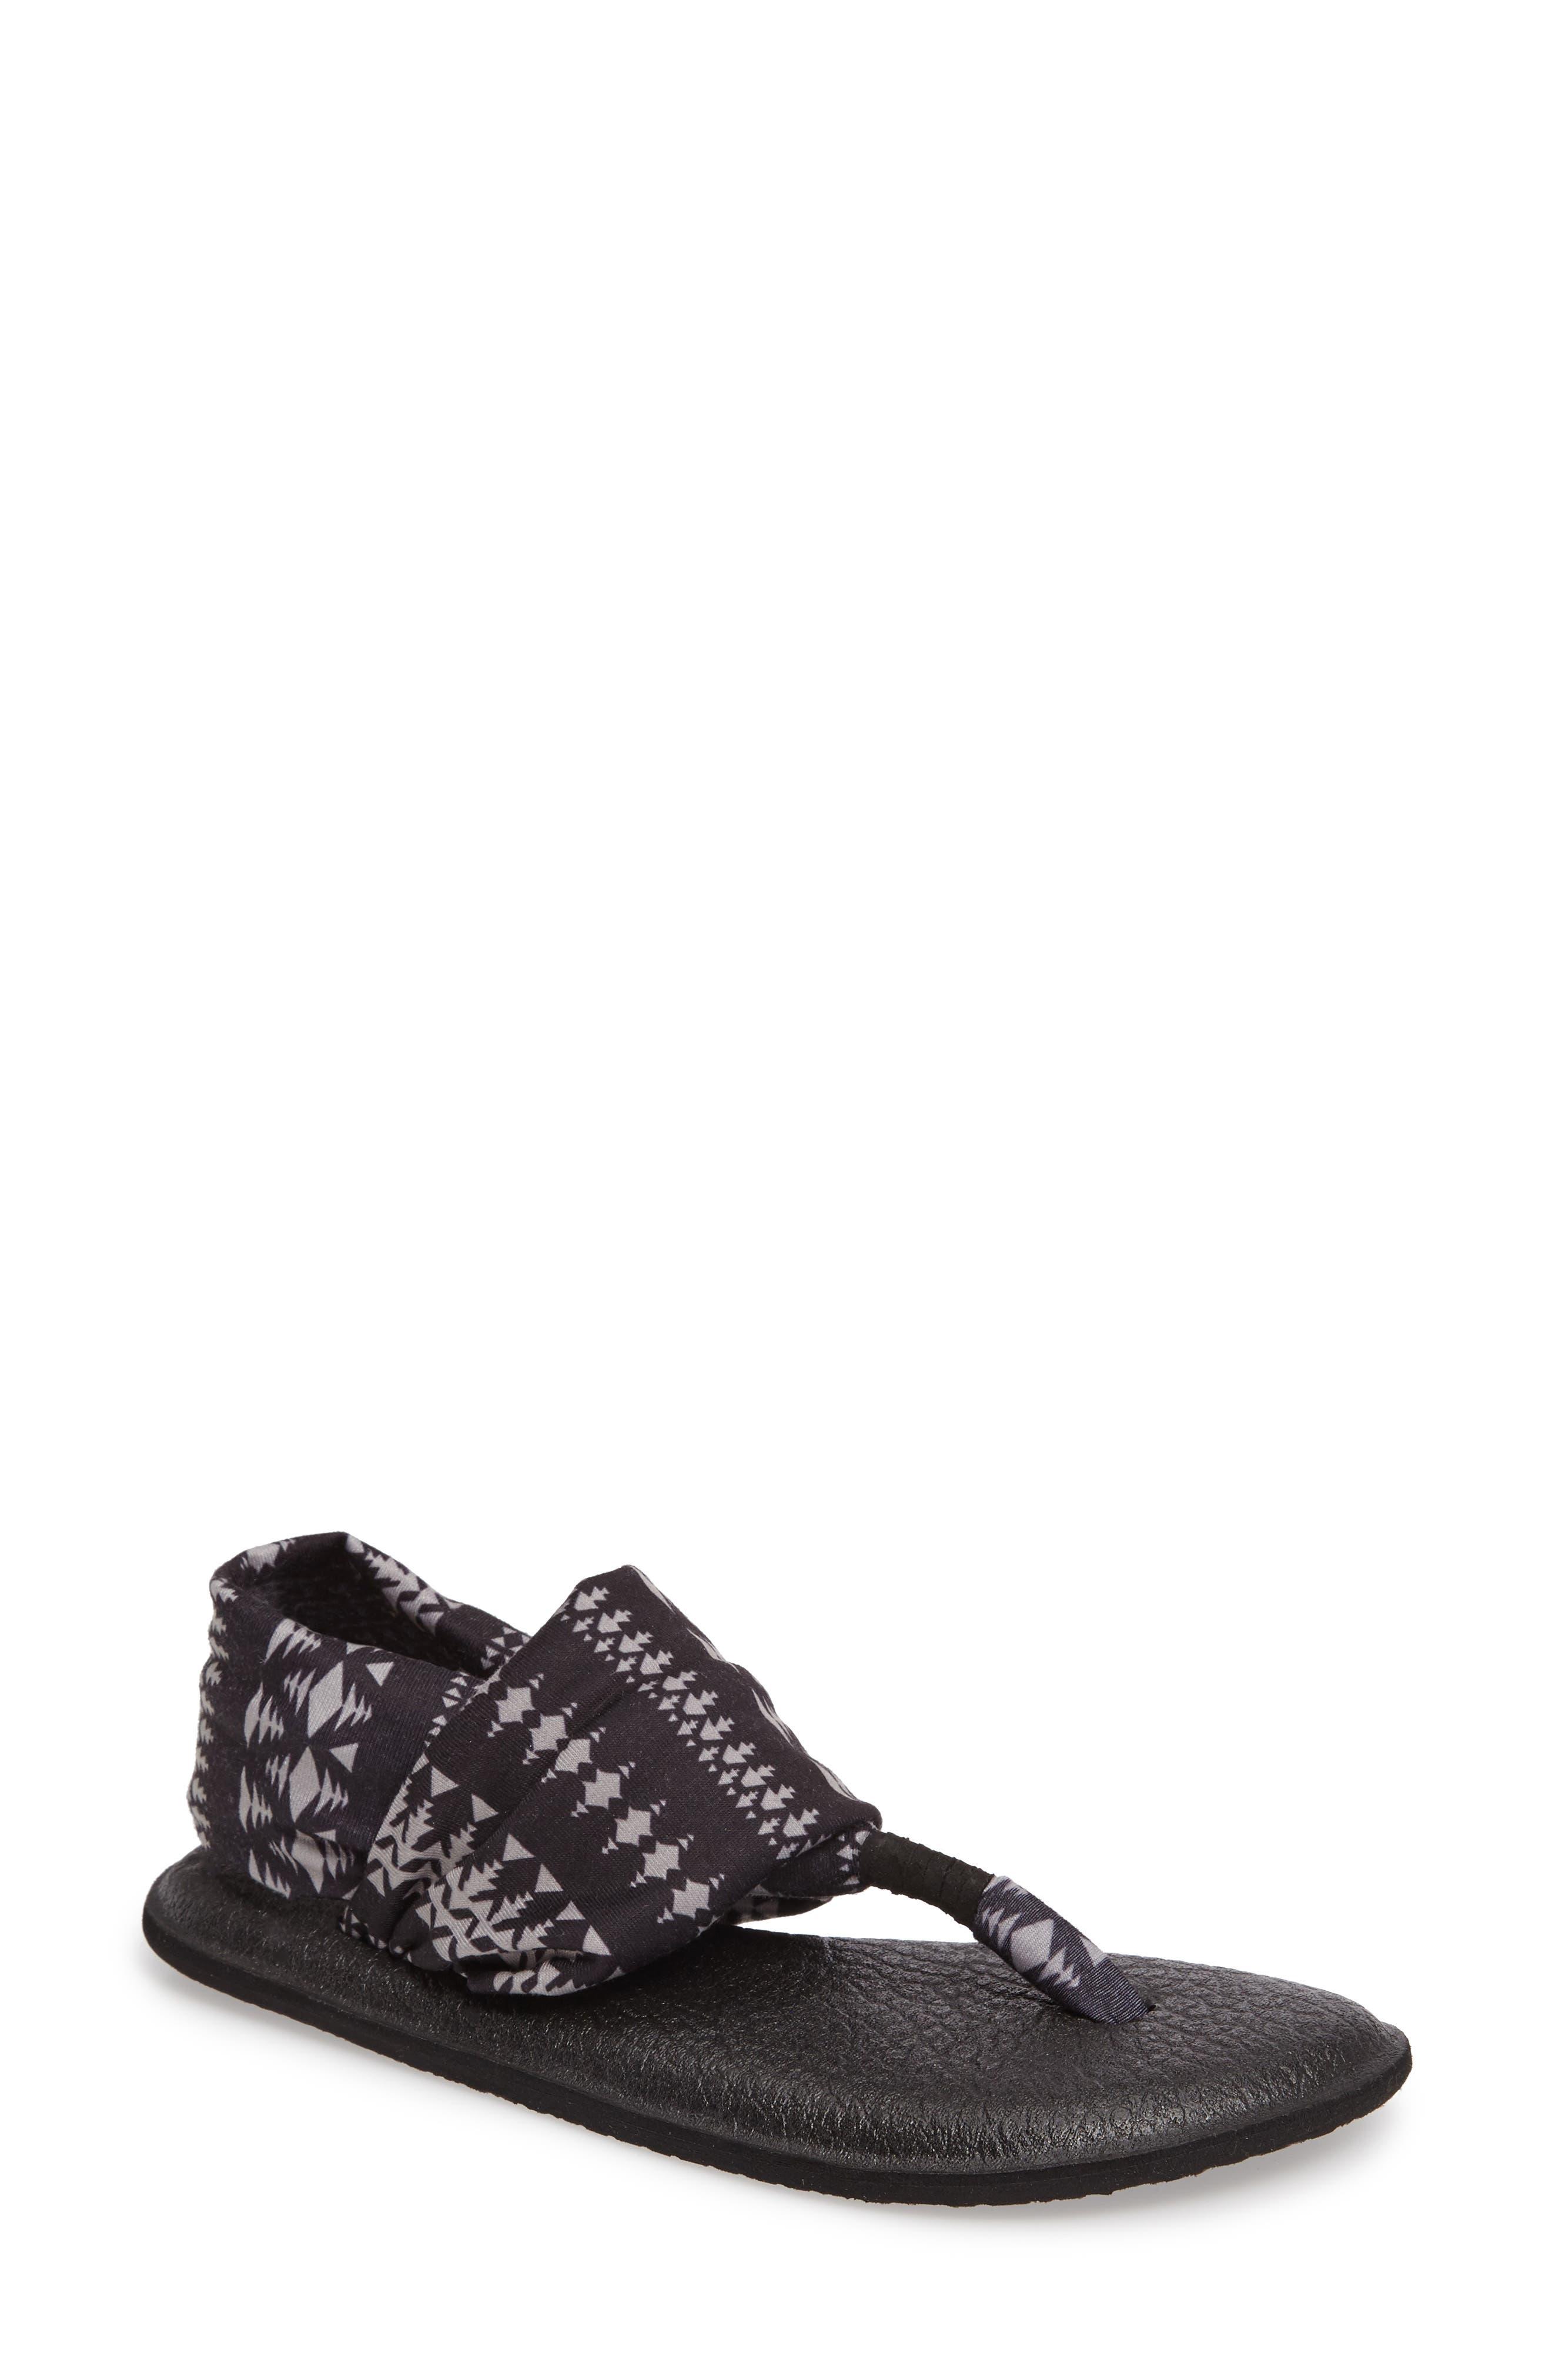 'Yoga Sling 2' Sandal,                             Main thumbnail 1, color,                             BLACK TRIBAL